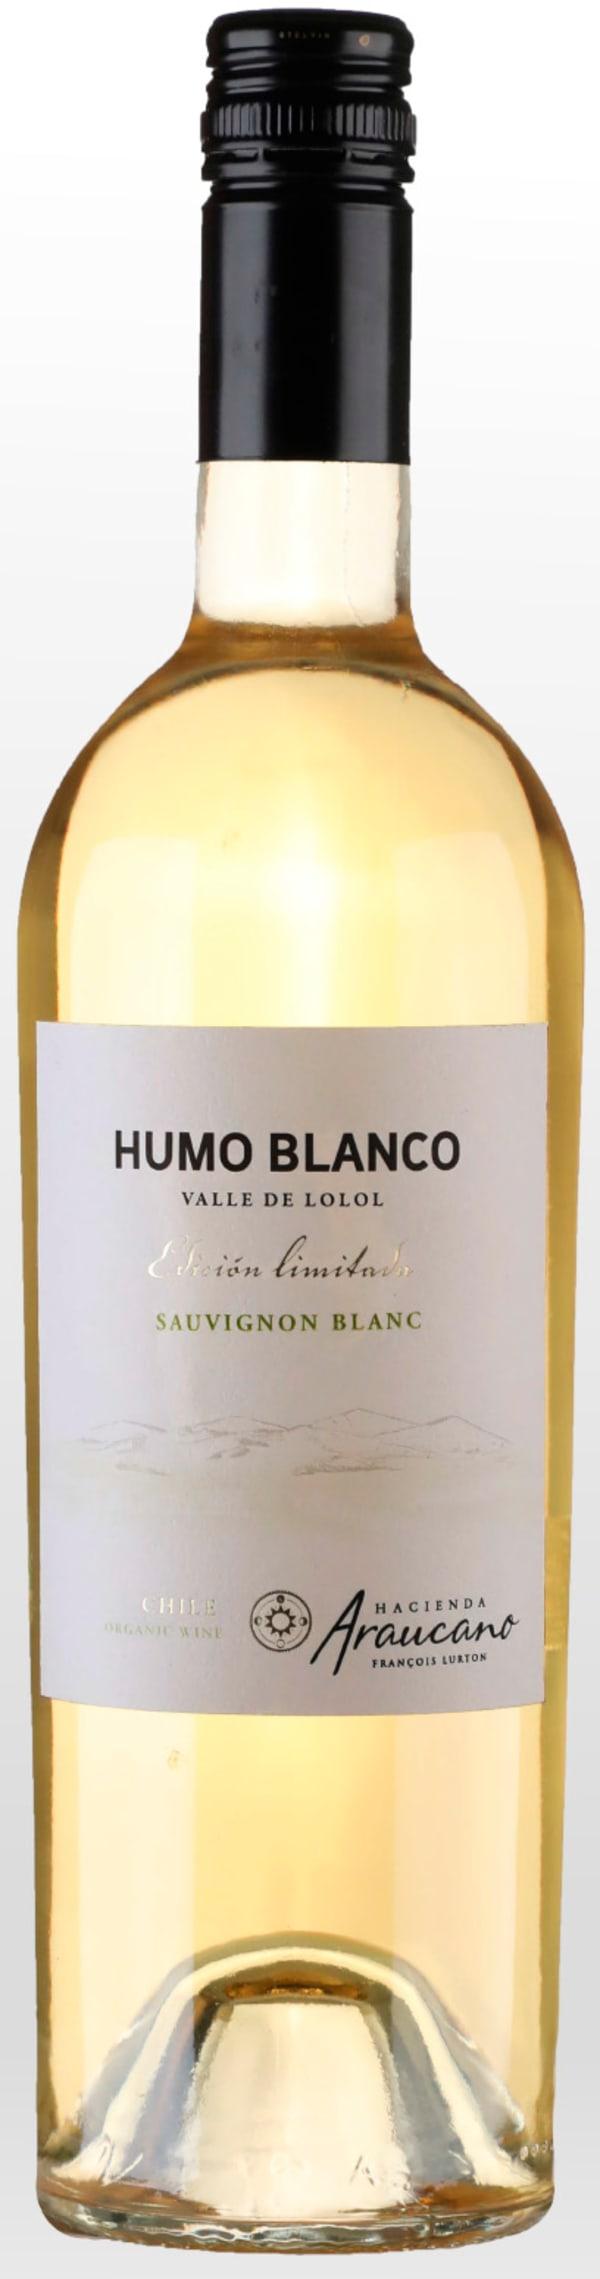 Humo Blanco Edicion Limitada Sauvignon Blanc 2019